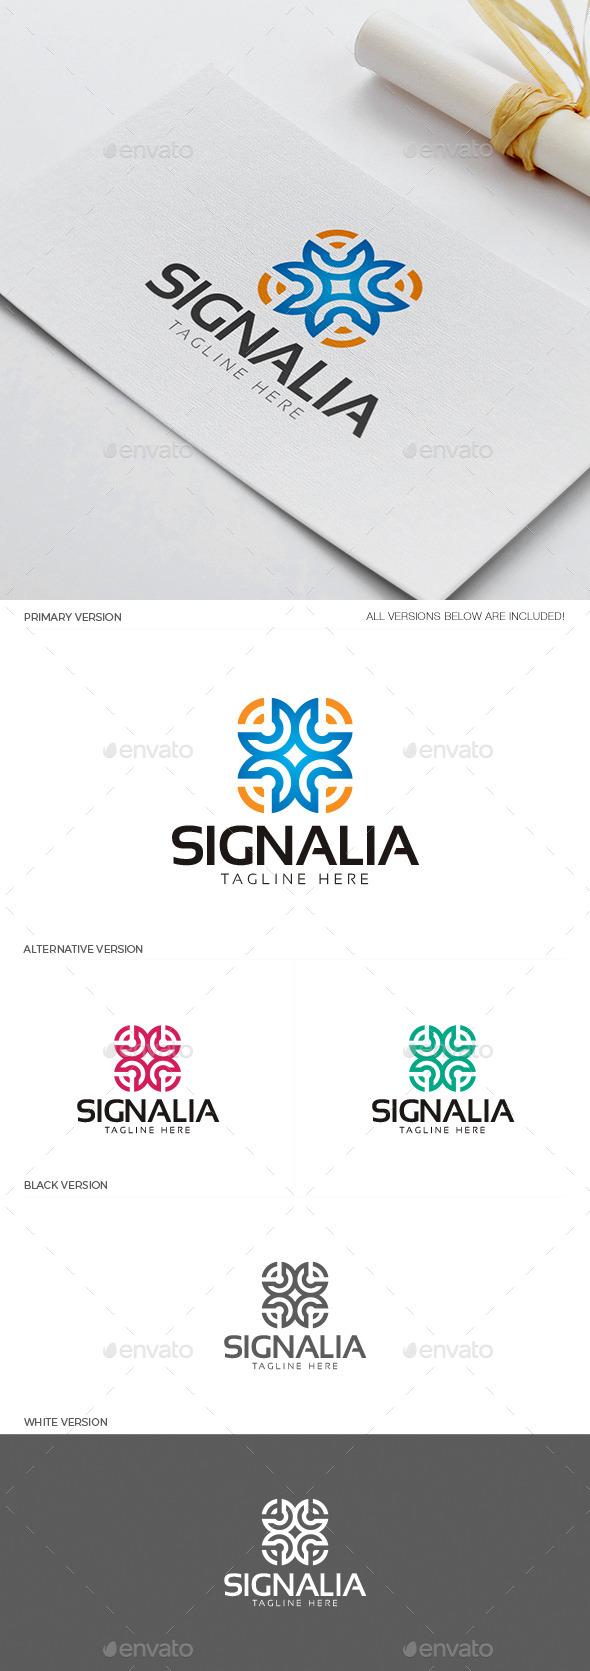 Signalia Logo - Objects Logo Templates